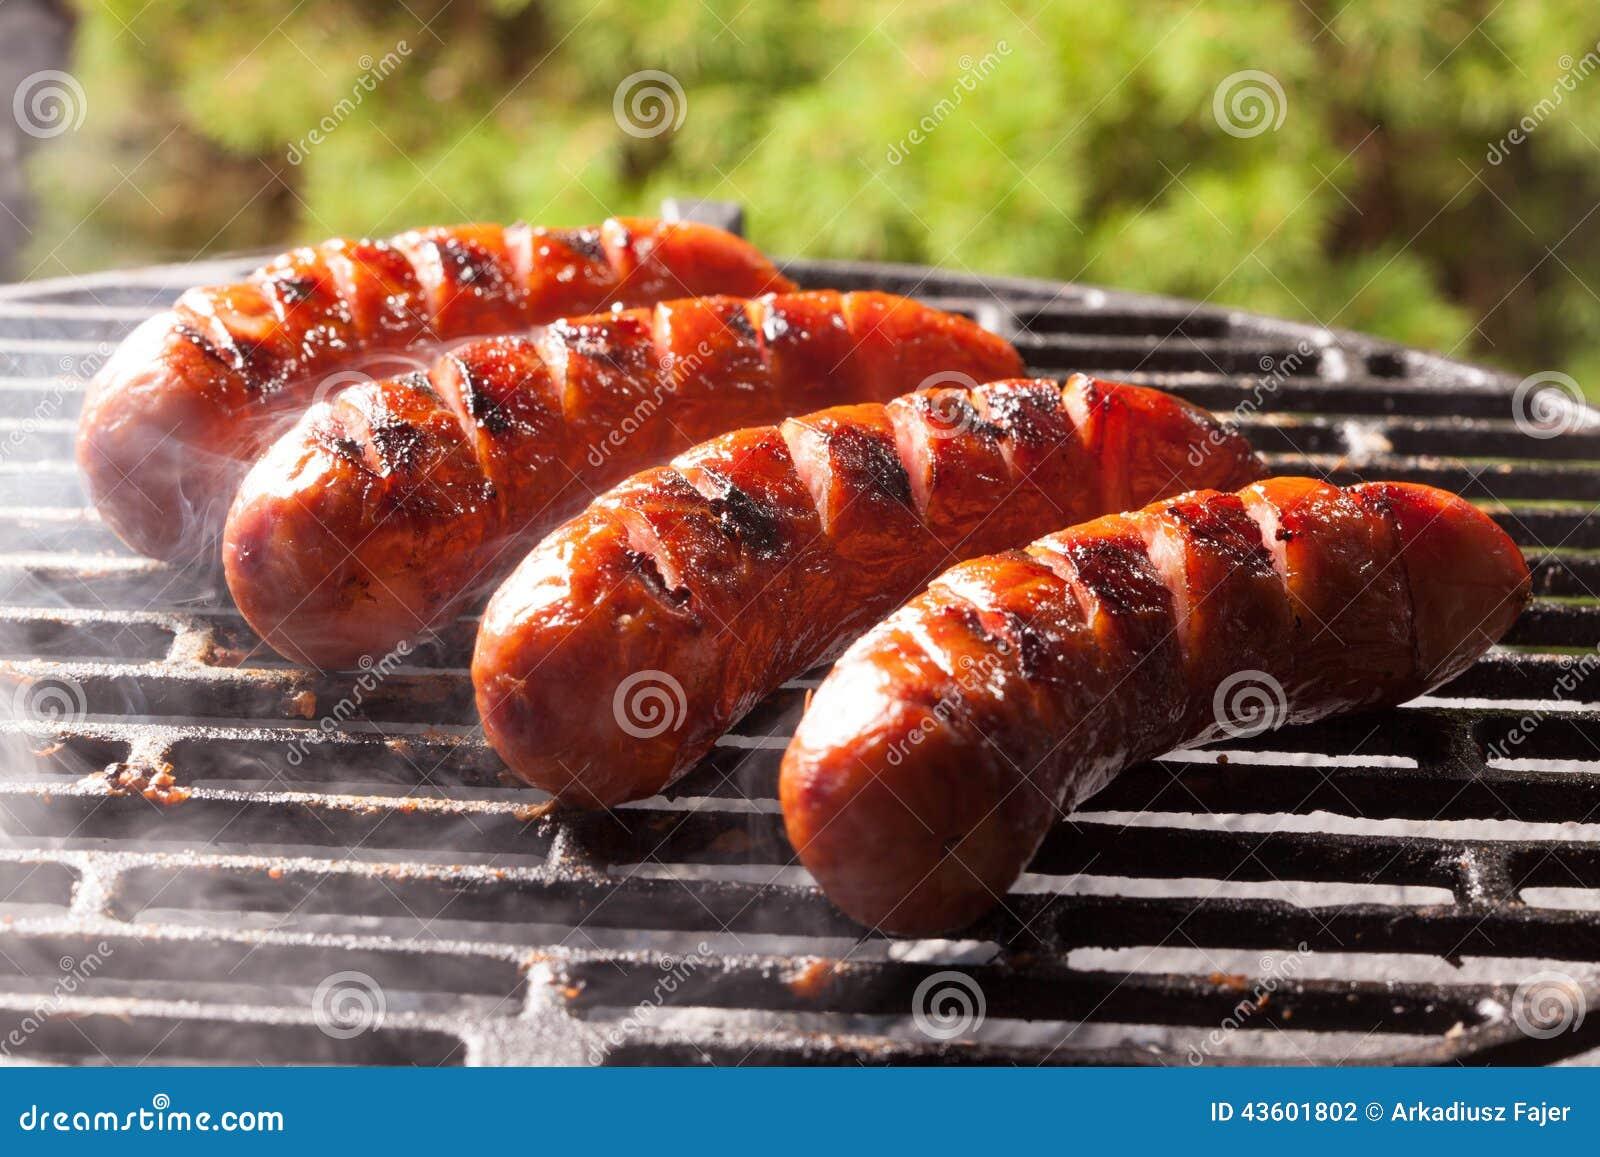 grilling sausages stock photo image 43601802. Black Bedroom Furniture Sets. Home Design Ideas